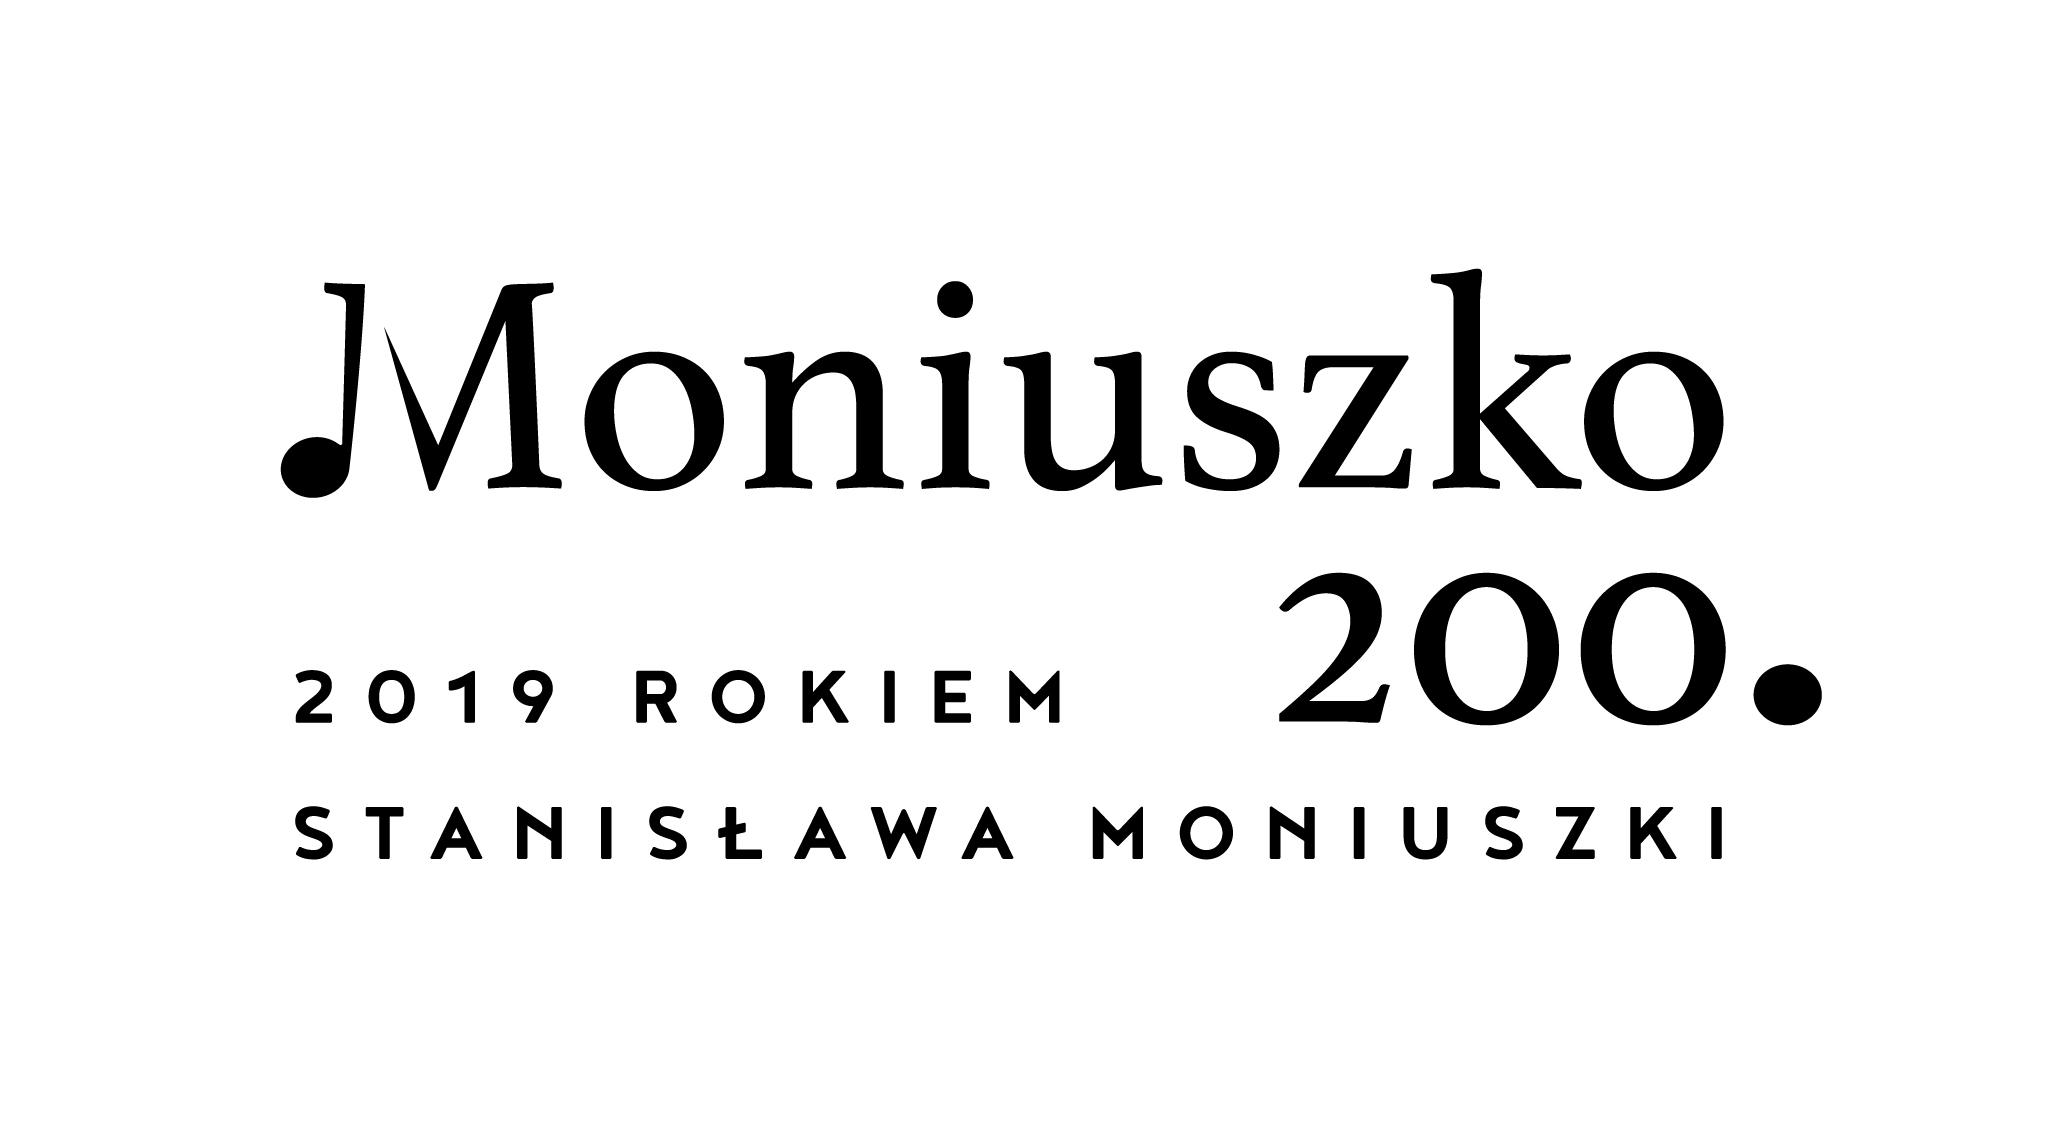 https://m.wmwm.pl/2019/10/orig/moniuszko200-logotyp-z-podpisem-pl-6522.jpg